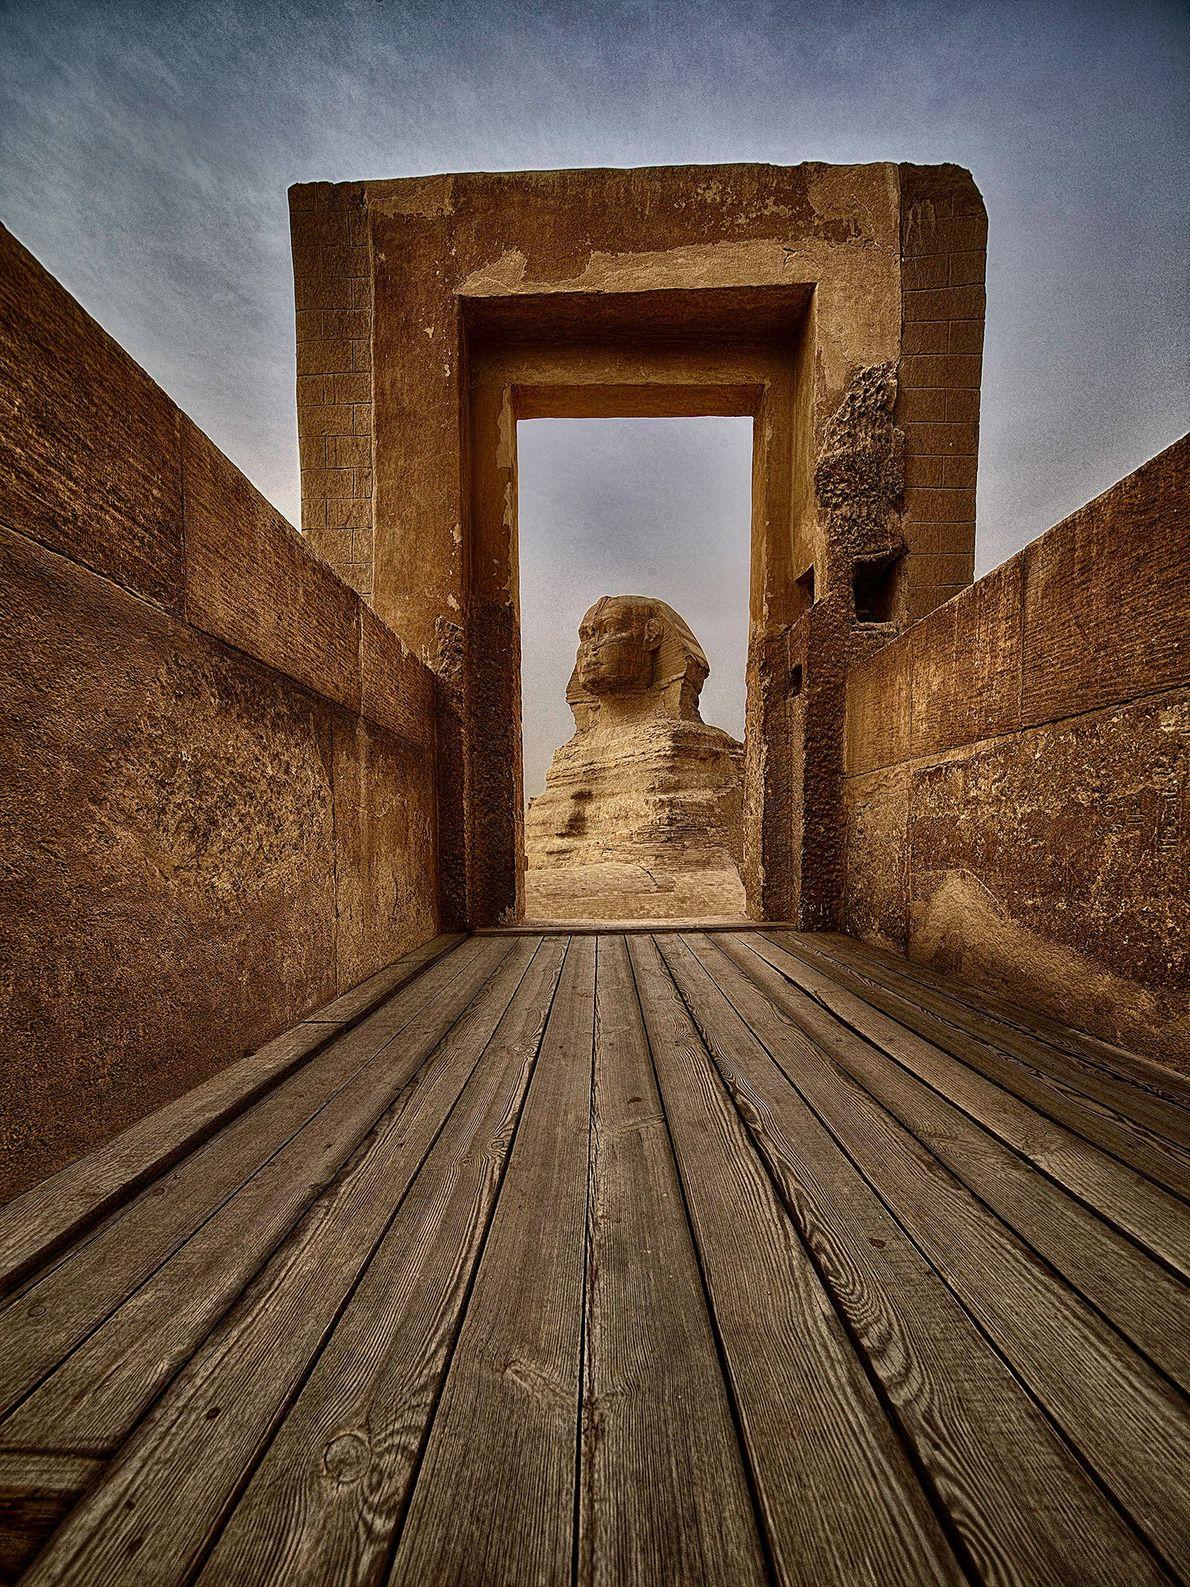 GIZÉ A grande esfinge de Gizé é uma imagem famosa em todo o mundo. O ângulo criativo ...